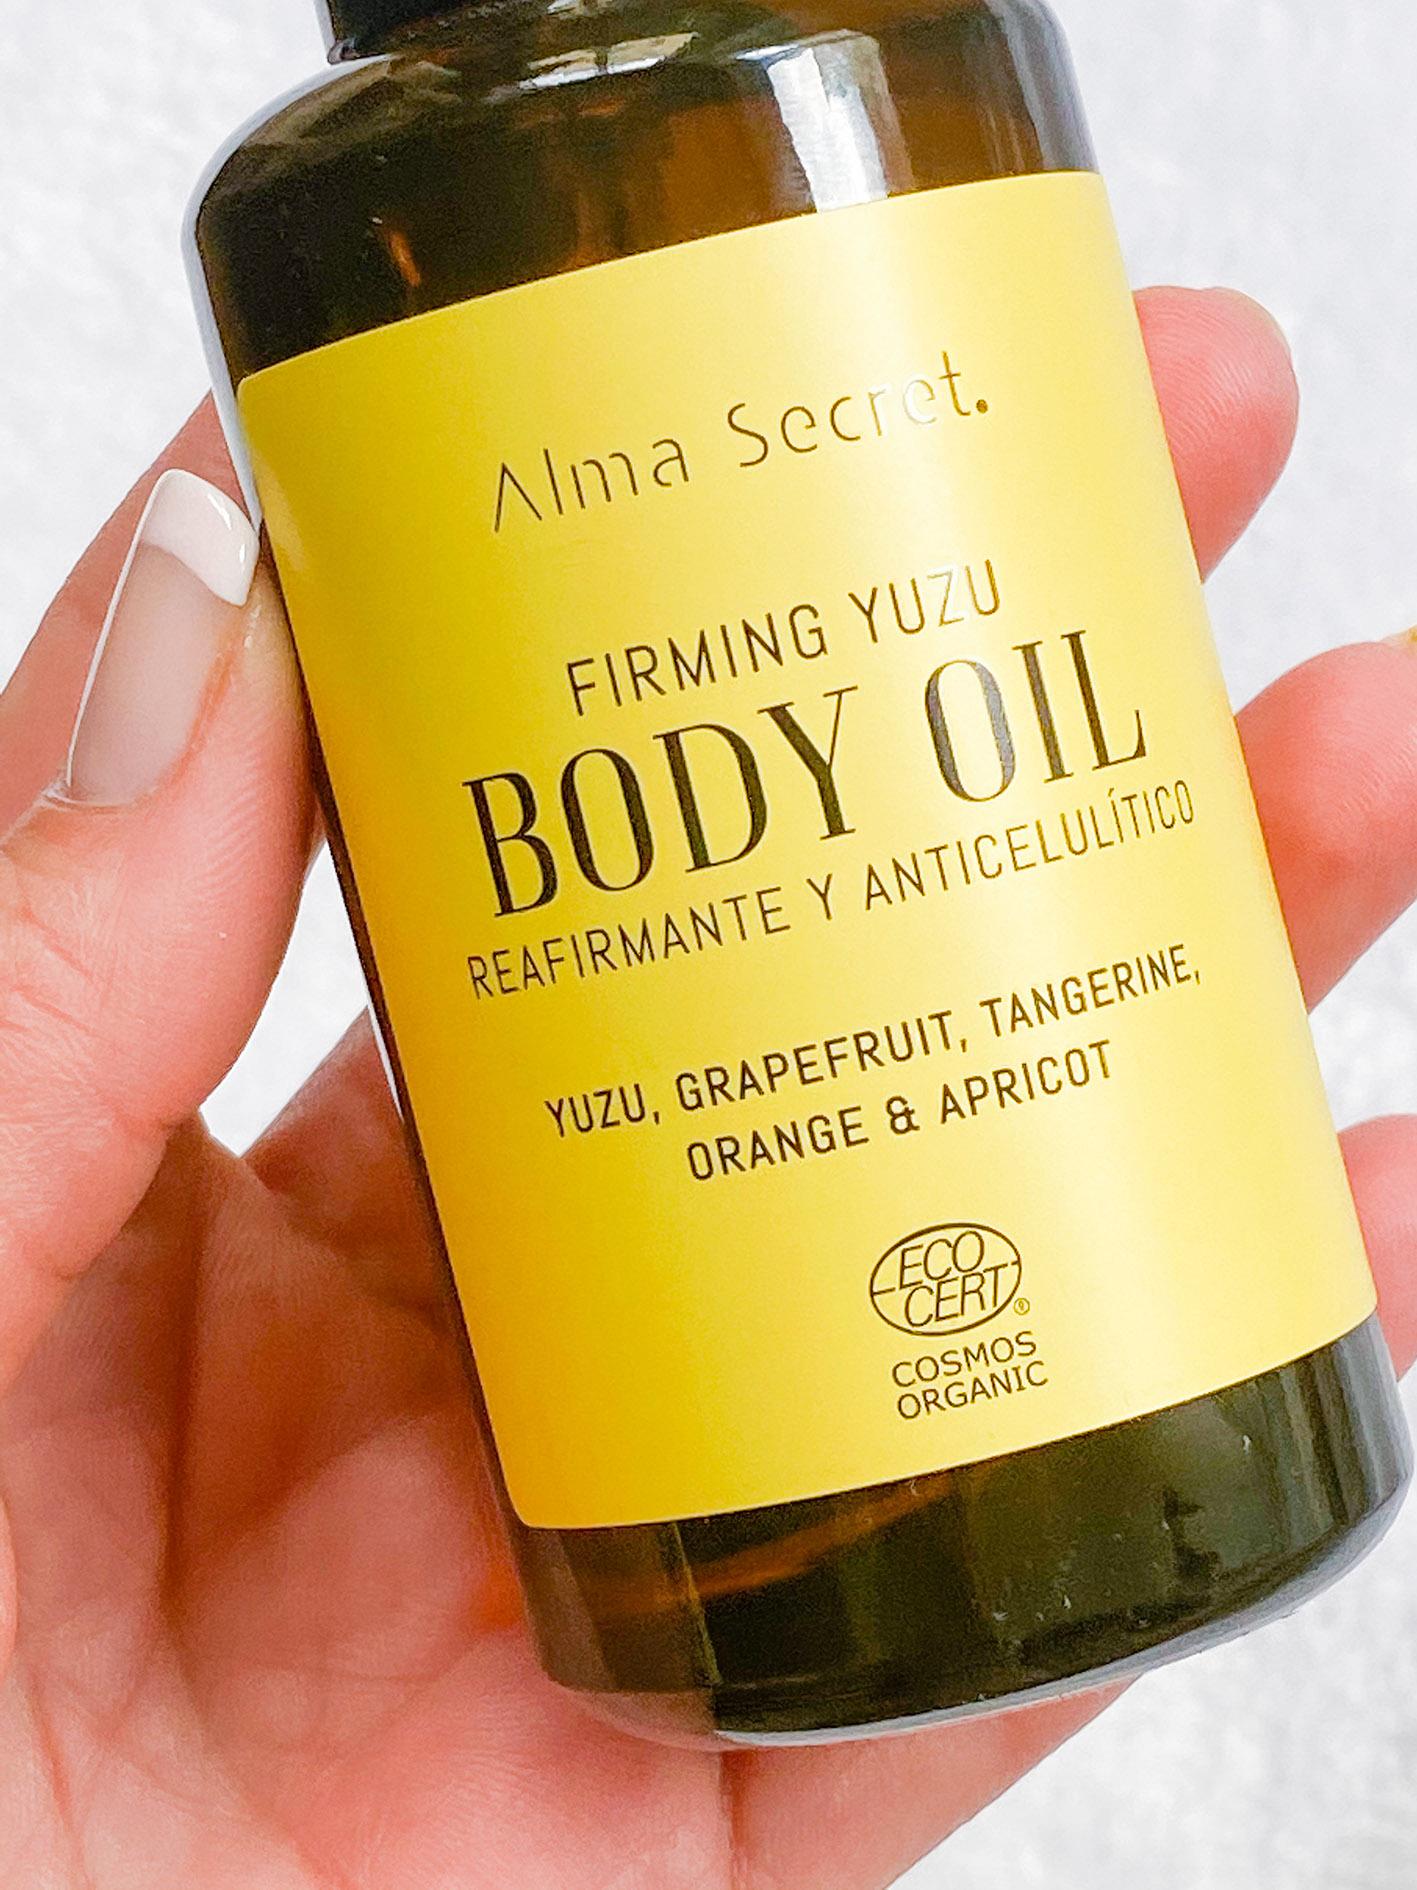 Firmin Yuzu body oil Alma Secret